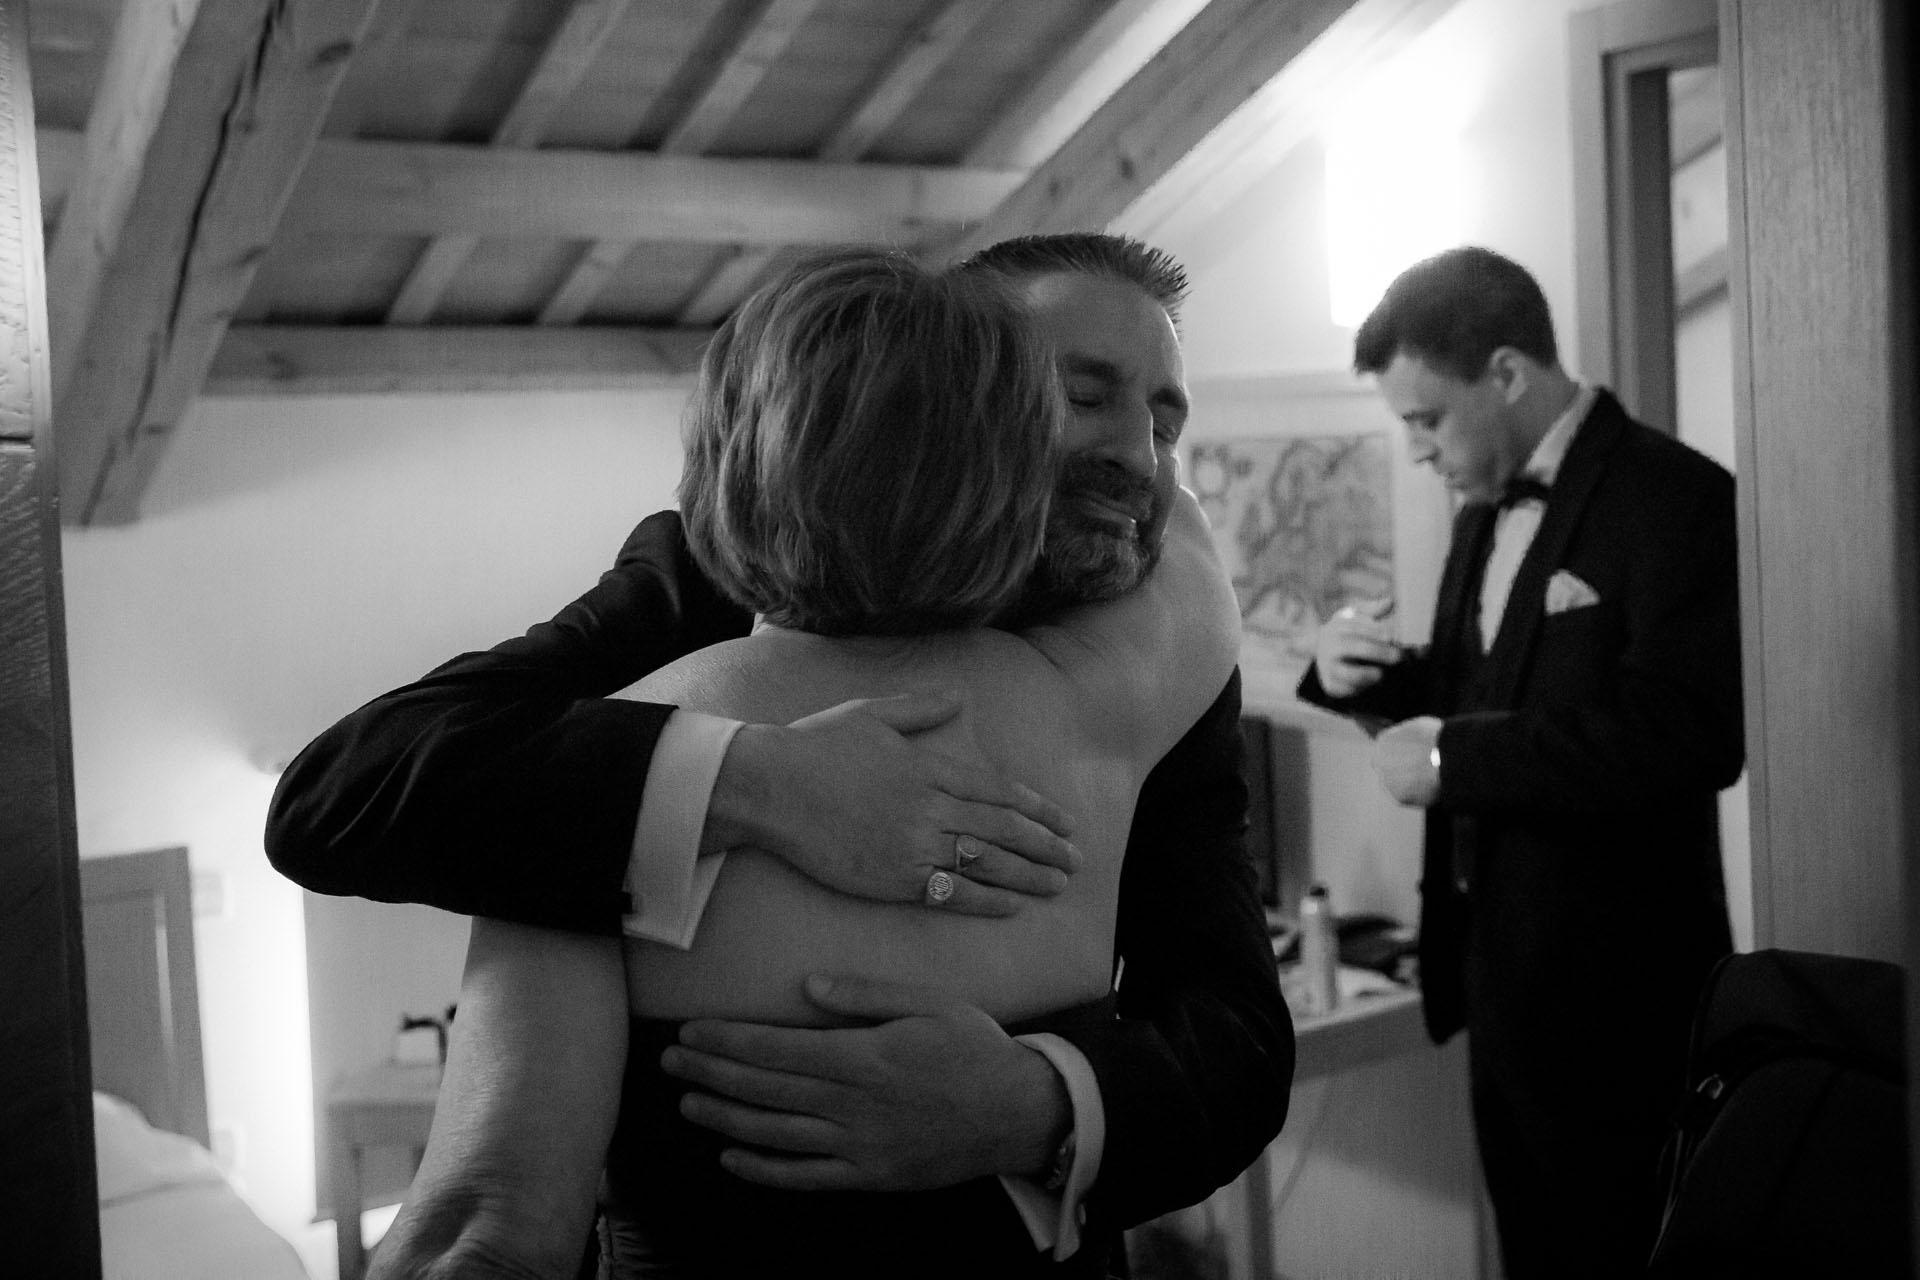 Jessica-Jason-Abbraccio-Weddingdestination-Storytelling-Renato-Zanette-Fotografo-Convento-San-Francesco-Conegliano-Treviso-Veneto